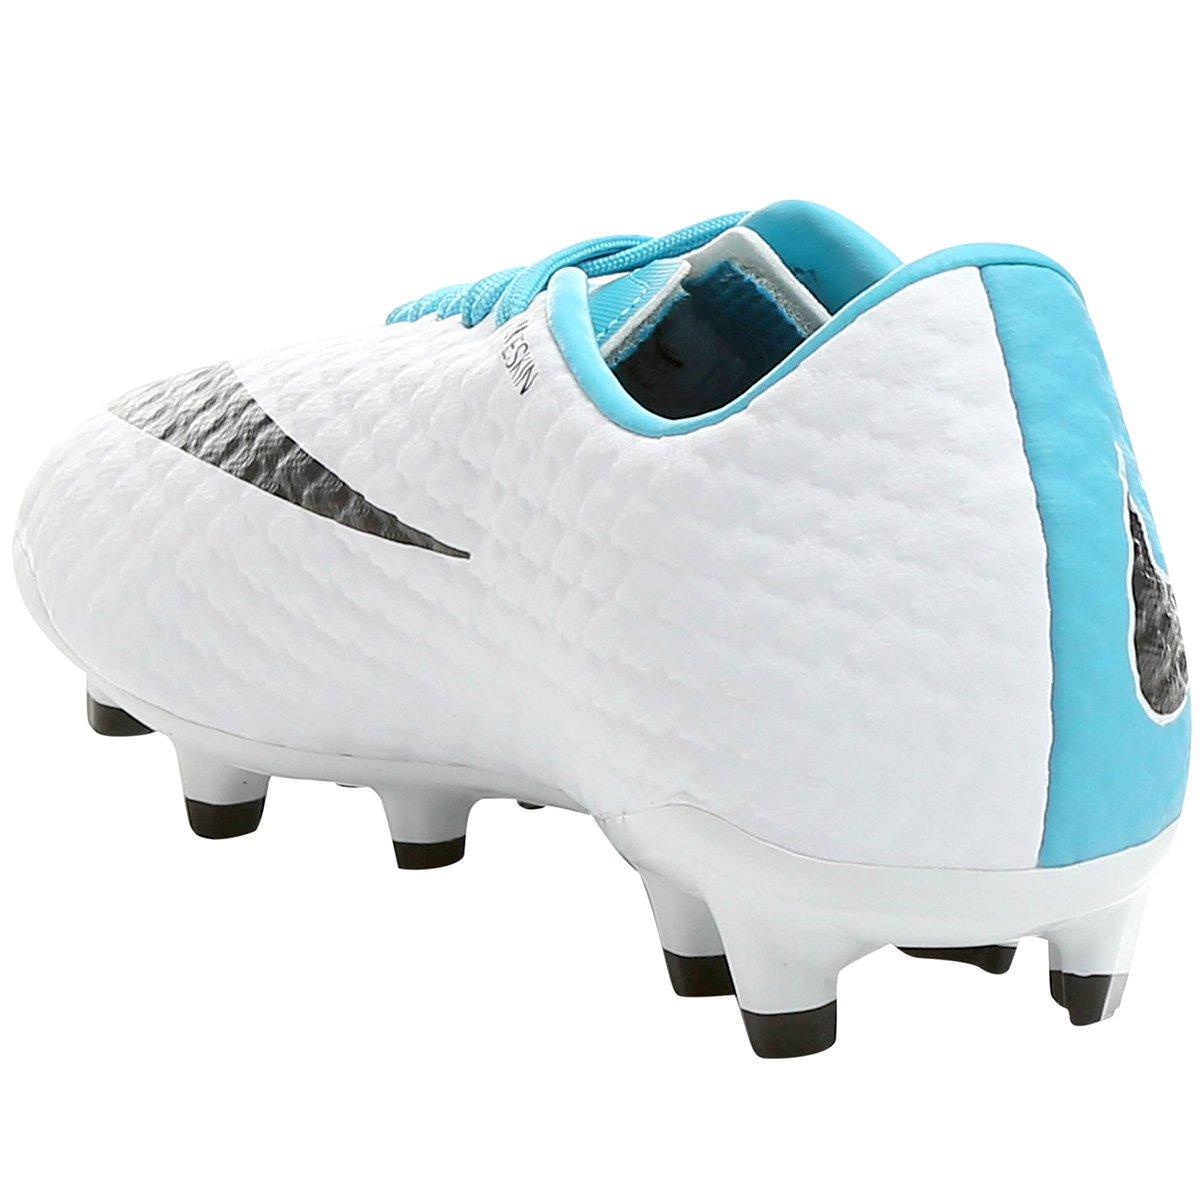 ed3423a5e1663 Chuteira Campo Nike Hypervenom Phelon 3 FG | Livelo -Sua Vida com Mais  Recompensas